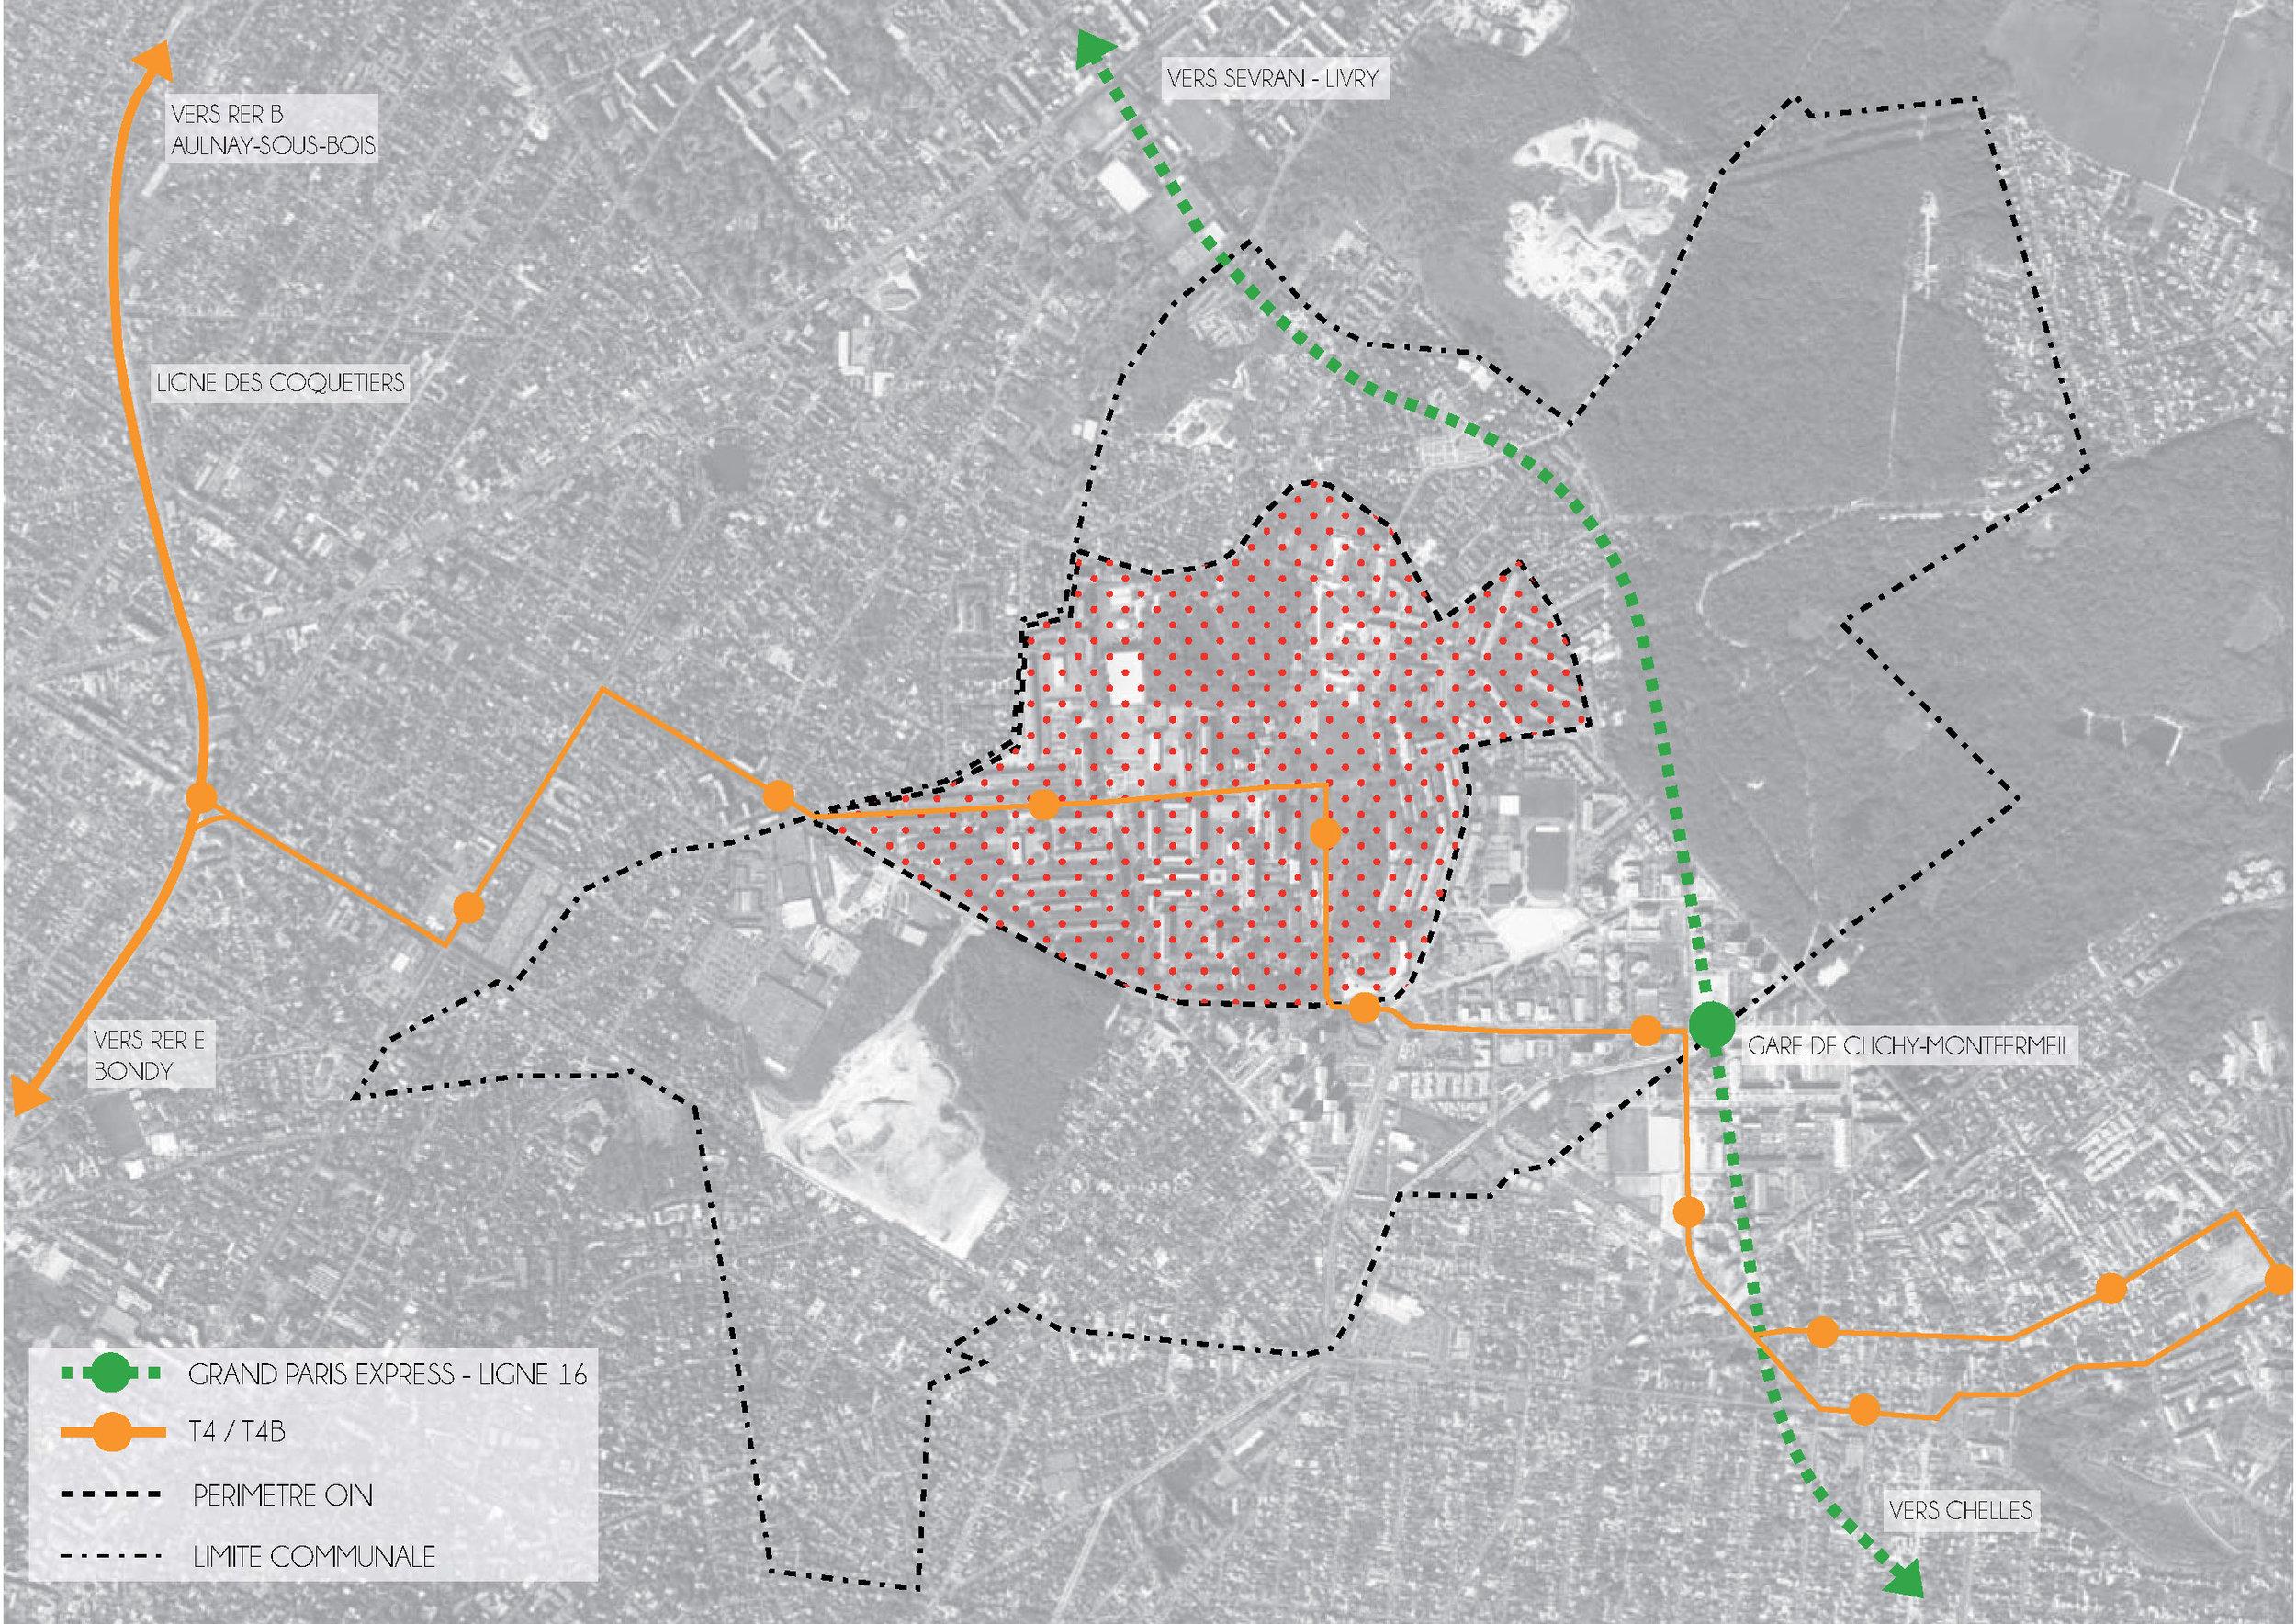 Plan de situation à l'échelle de l'agglomération